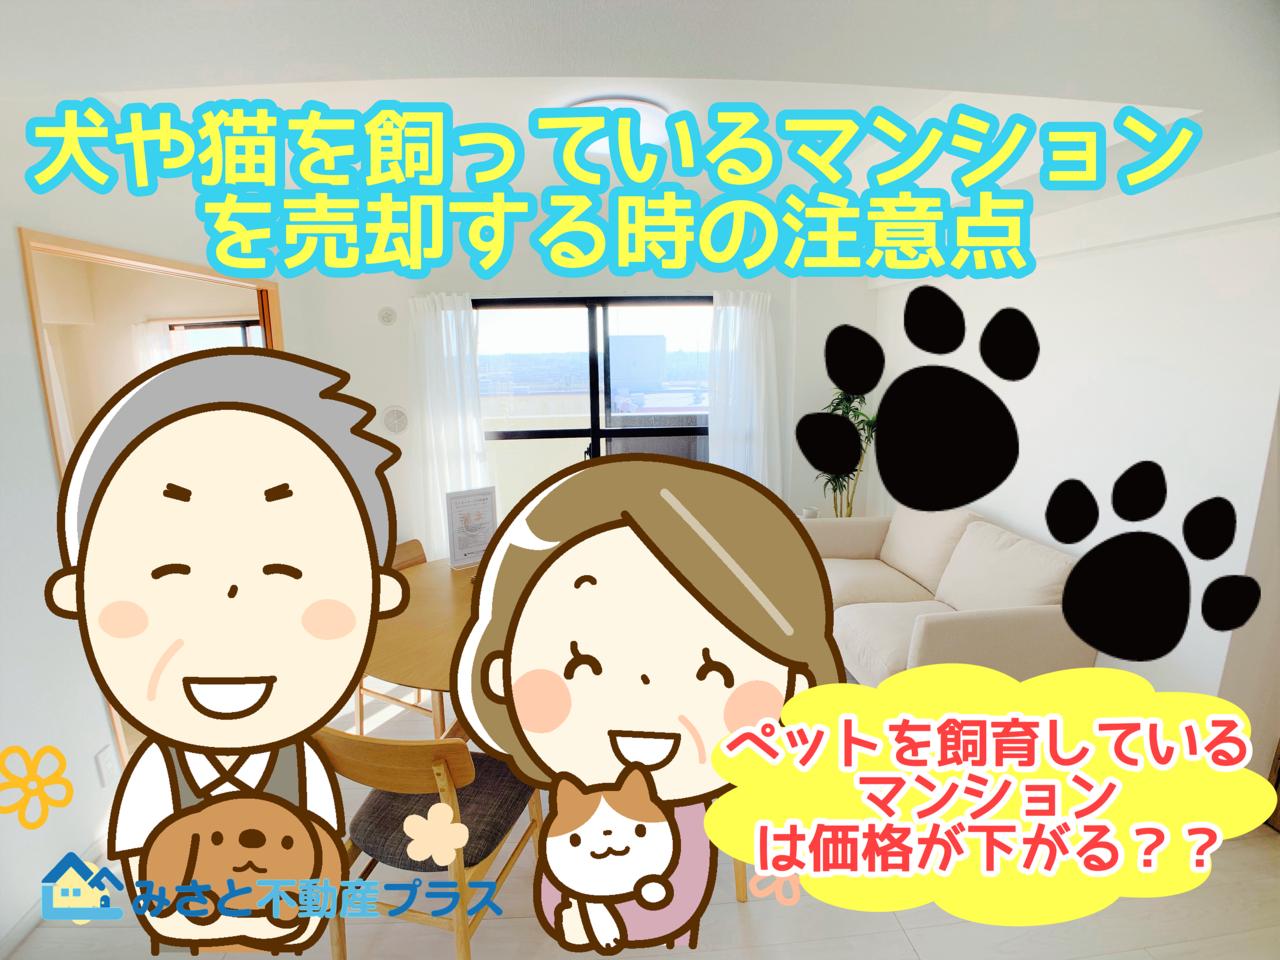 【みさと不動産プラス知っトク情報】犬や猫を飼っているマンションを売却する時の注意点は?